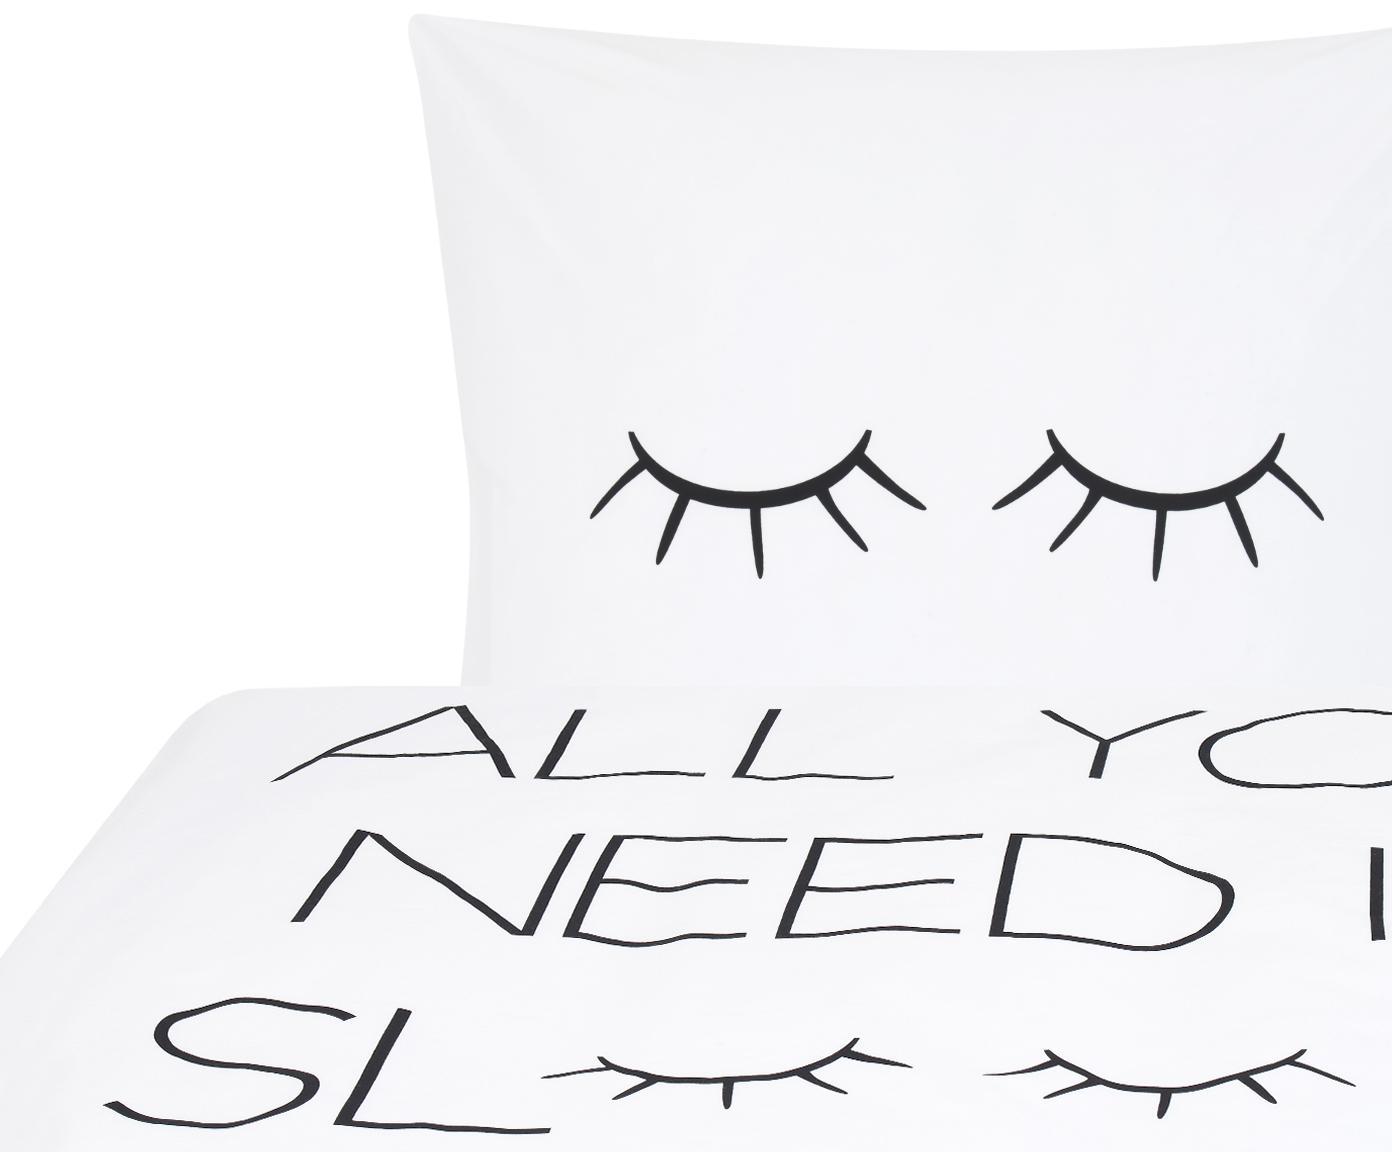 Baumwollperkal-Bettwäsche Sleepy Eyes mit Schriftzug, Webart: Perkal Fadendichte 200 TC, Weiß, Schwarz, 155 x 220 cm + 1 Kissen 80 x 80 cm